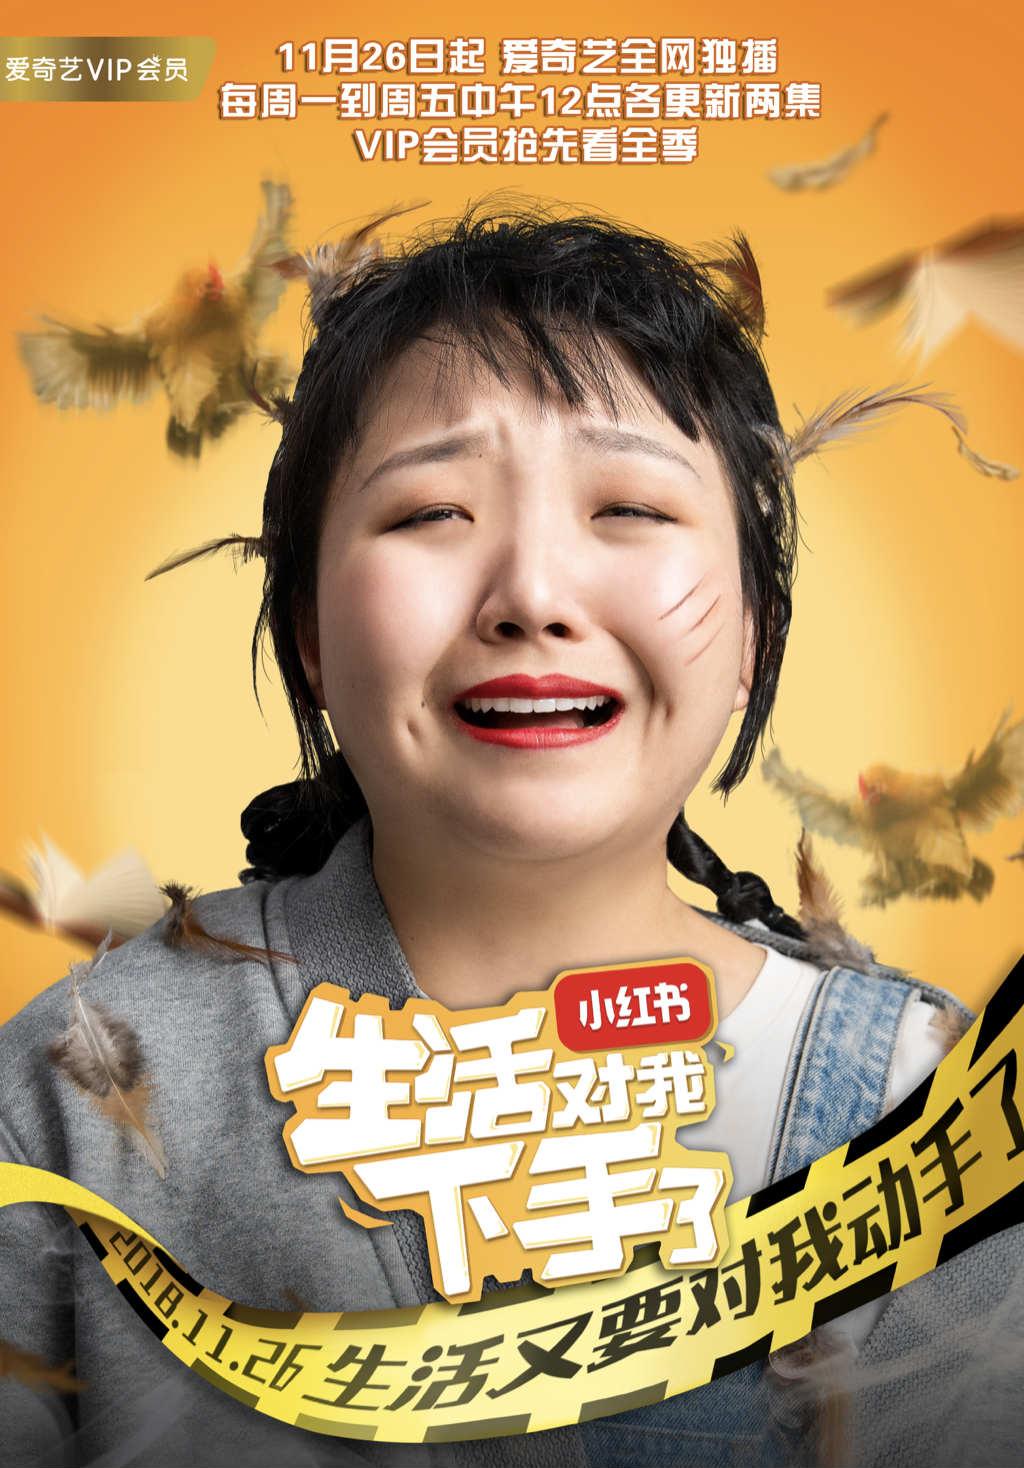 爱奇艺《生活对我下手了》11月26日独家上线_开辟国内竖屏网剧先河